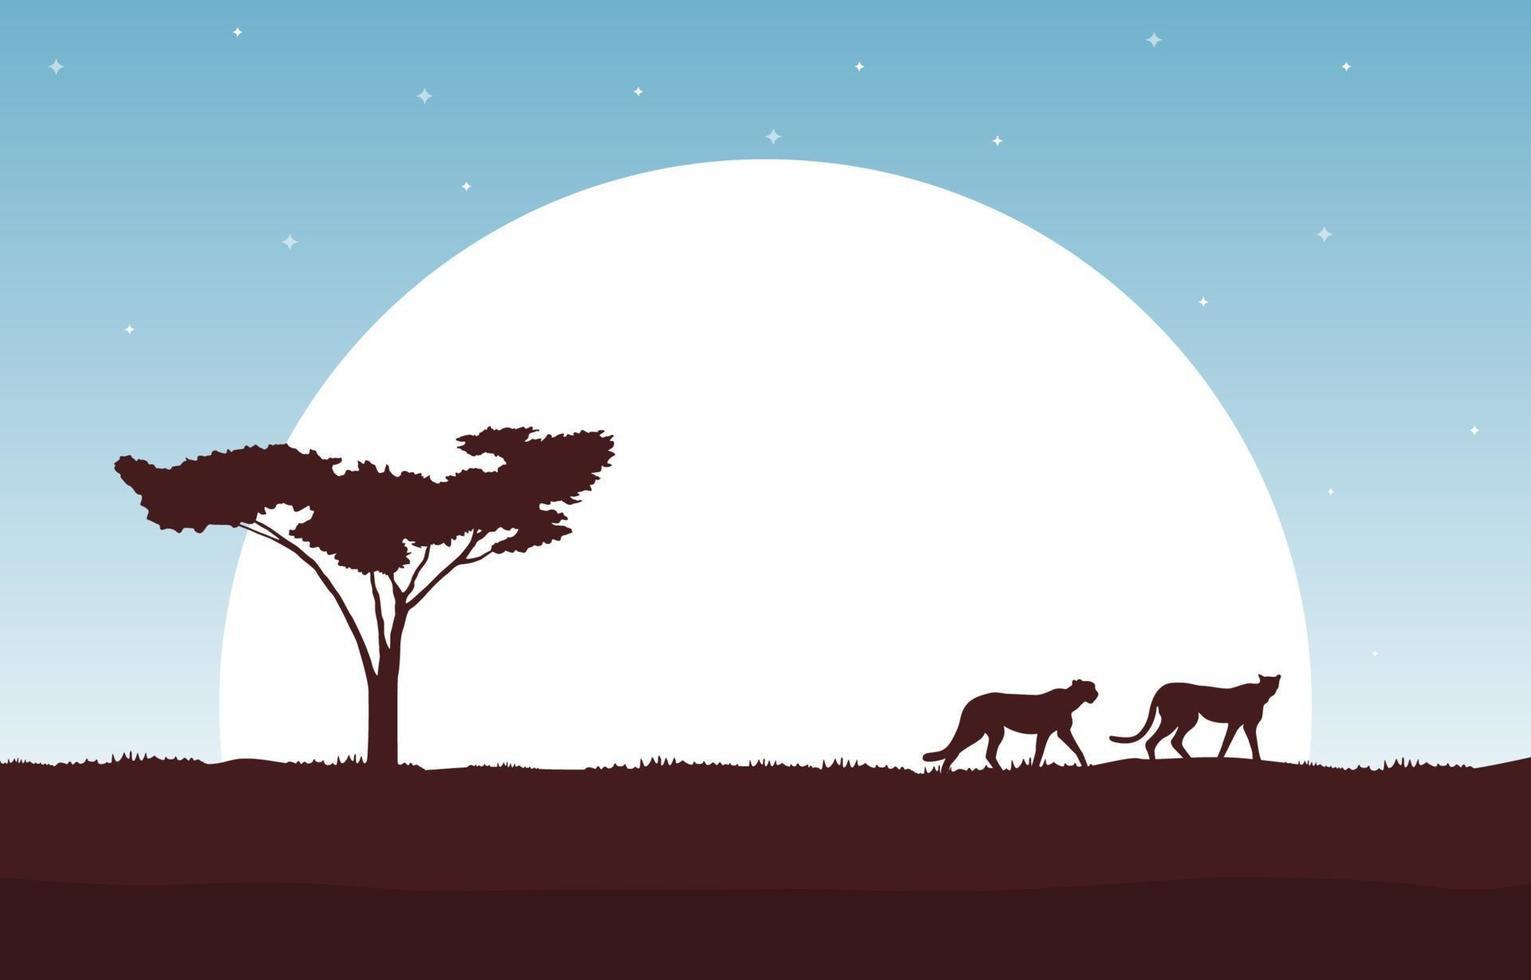 guepardos en la sabana africana con árbol y gran sol ilustración vector